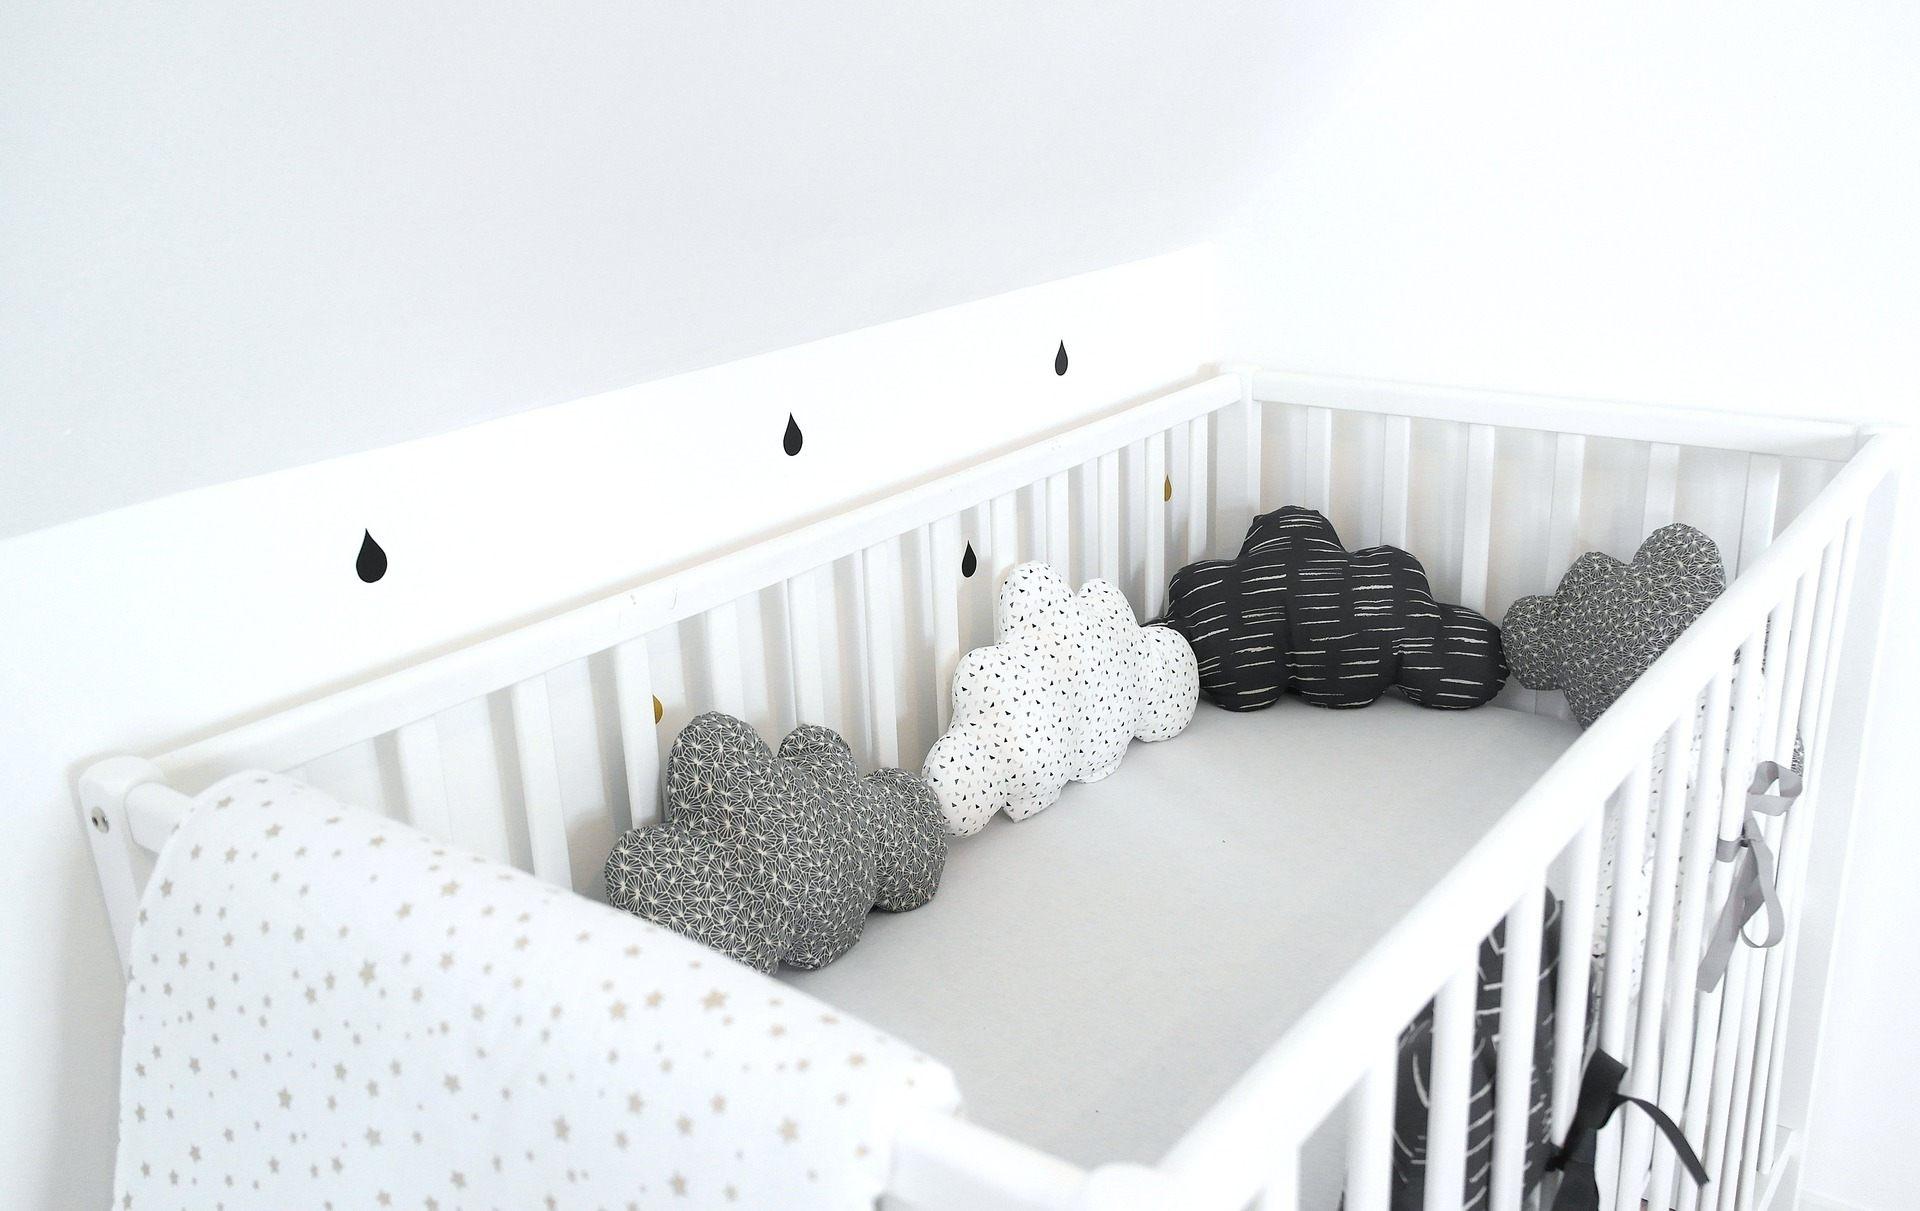 Lit Scandinave Enfant Luxe tour De Lit Scandinave tour De Lit Pour Lit Evolutif Maison Design